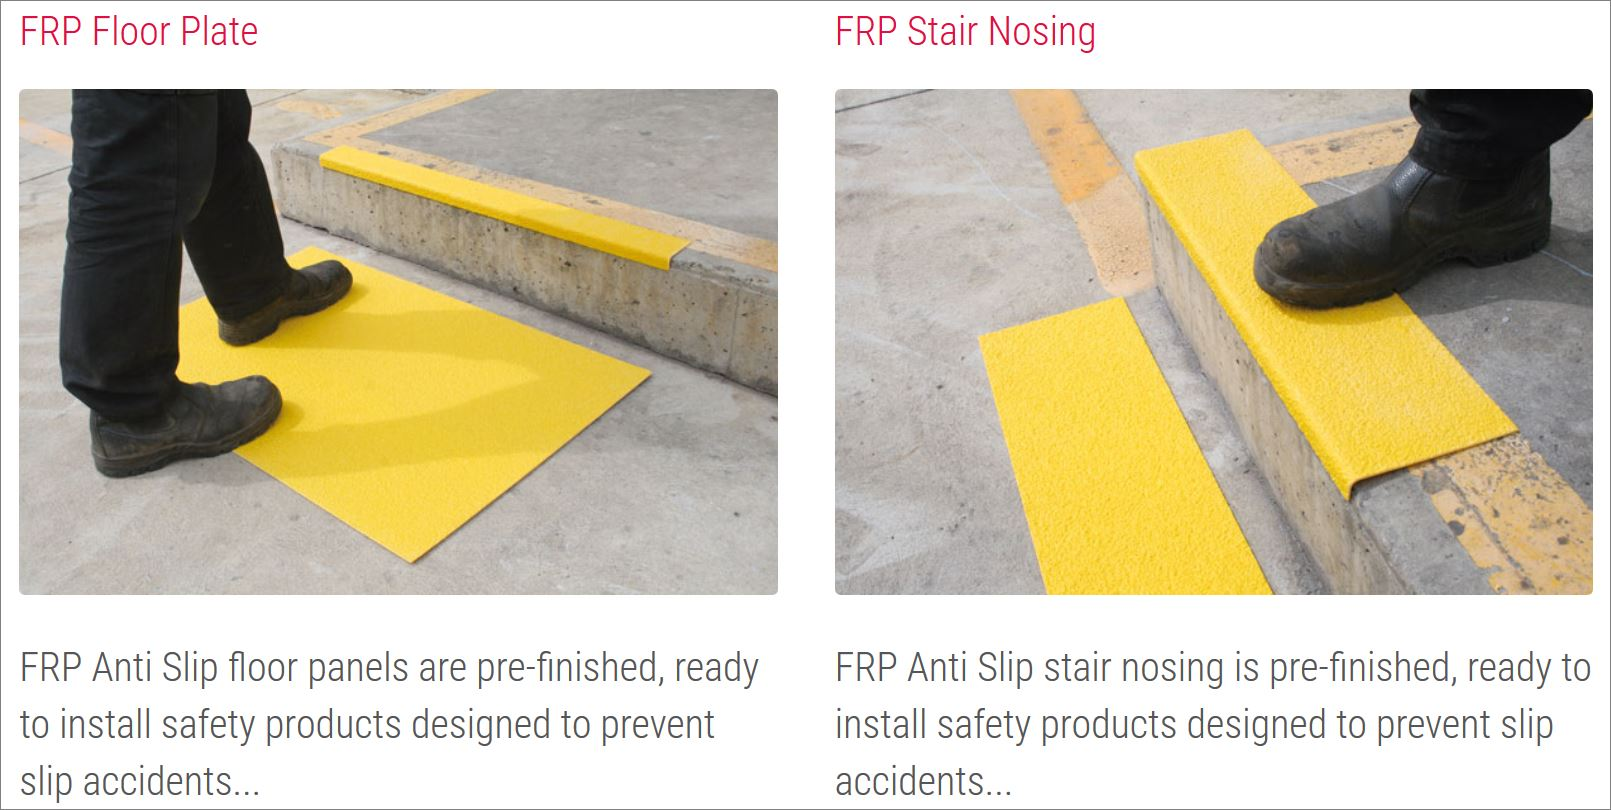 แผ่นปิดผิวเทปกันลื่นกั้นเขตตีเส้นสะท้อนแสงปิดจมูกขอบมุมคิ้วแผงครอบบันได Anti-skid non-slippery safety surface outdoor walkway tape